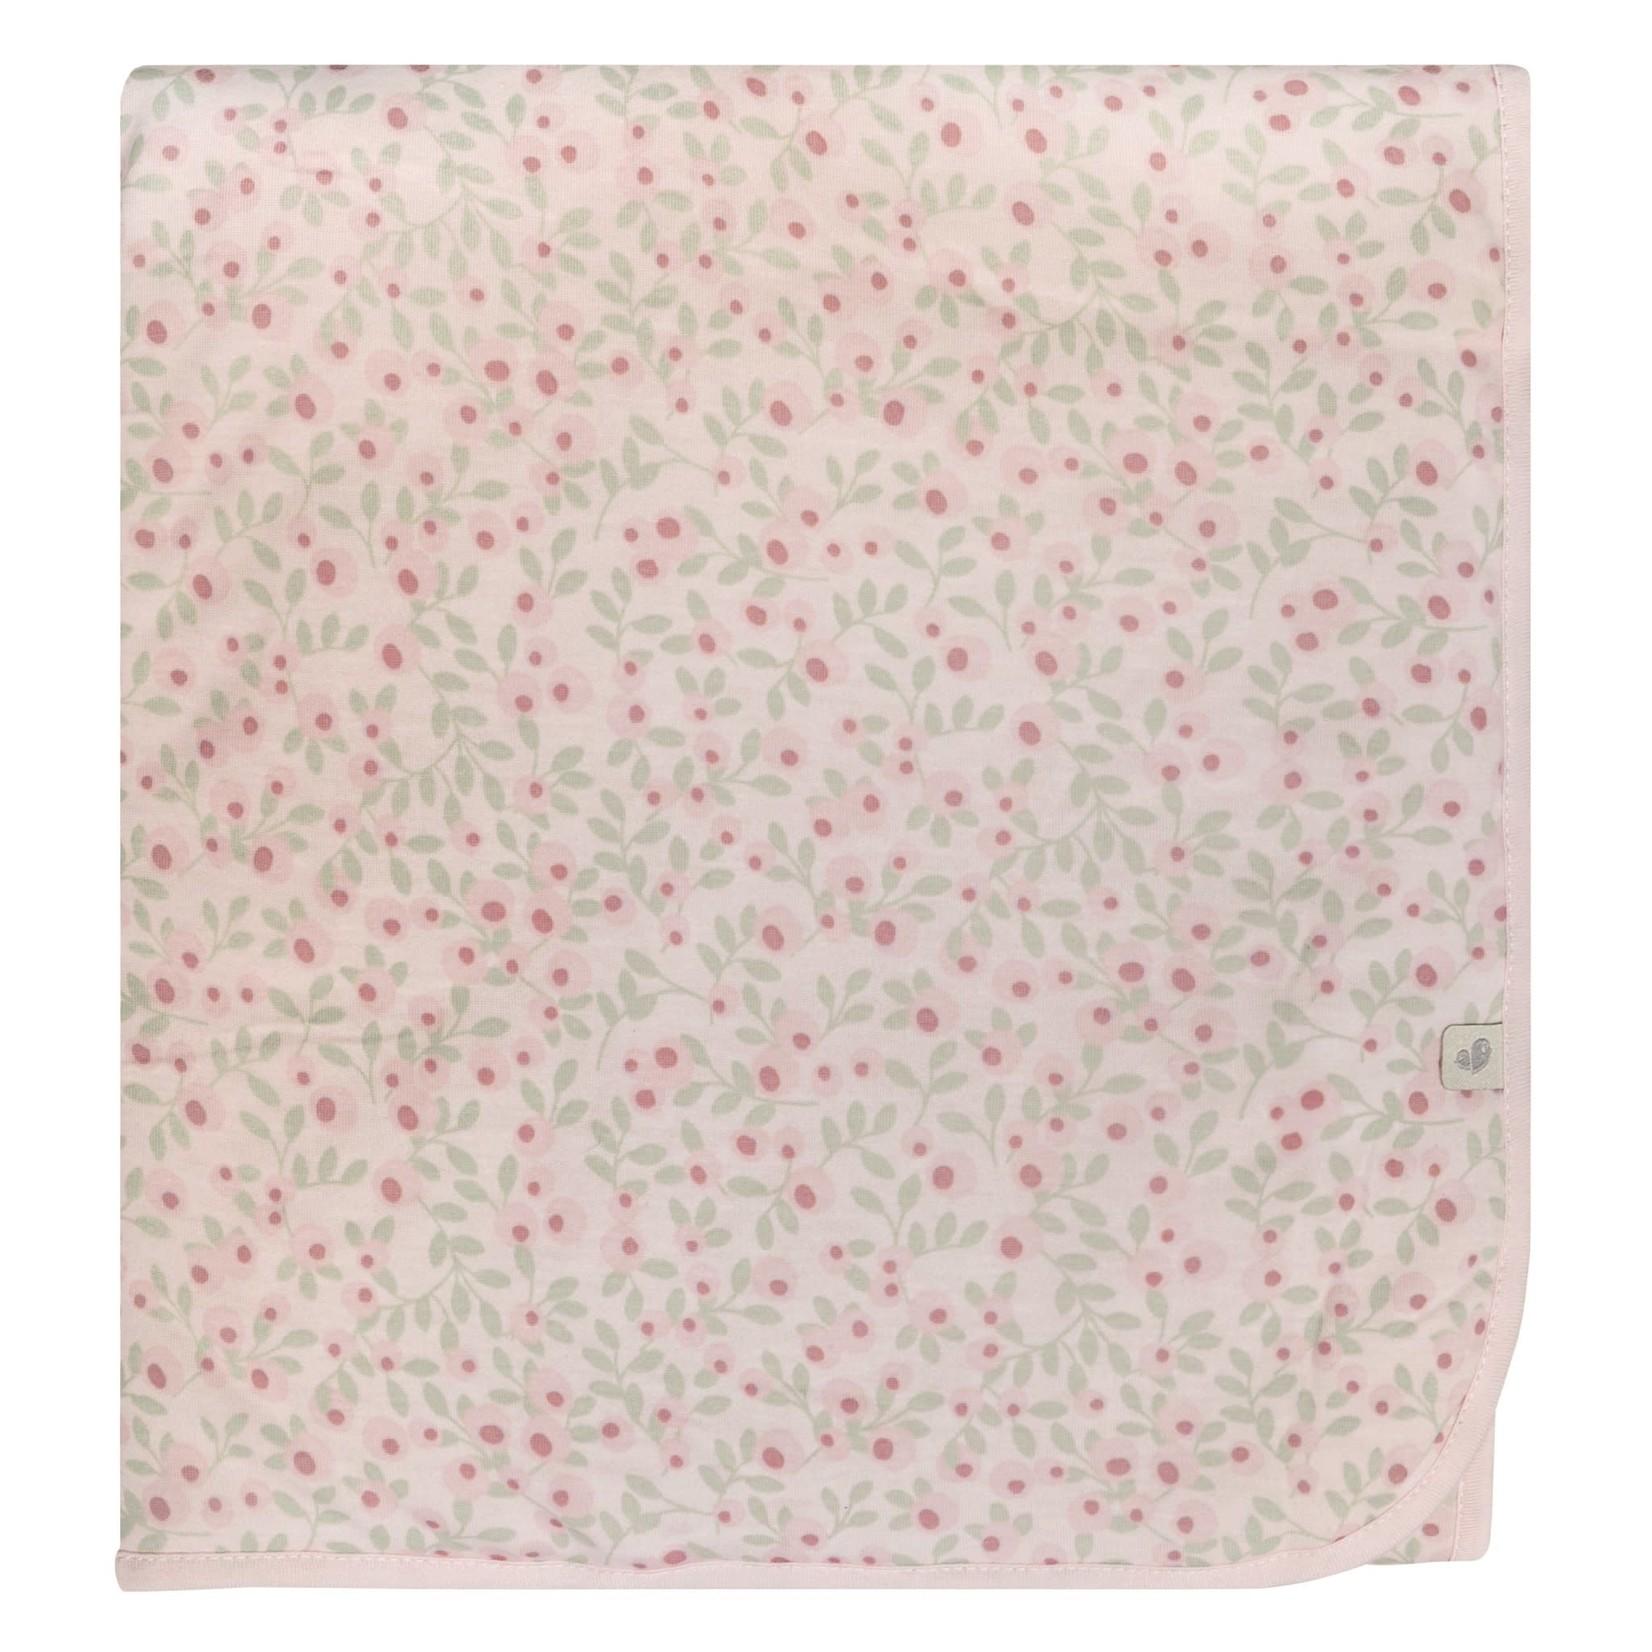 Bamboo Blanket - Flowers